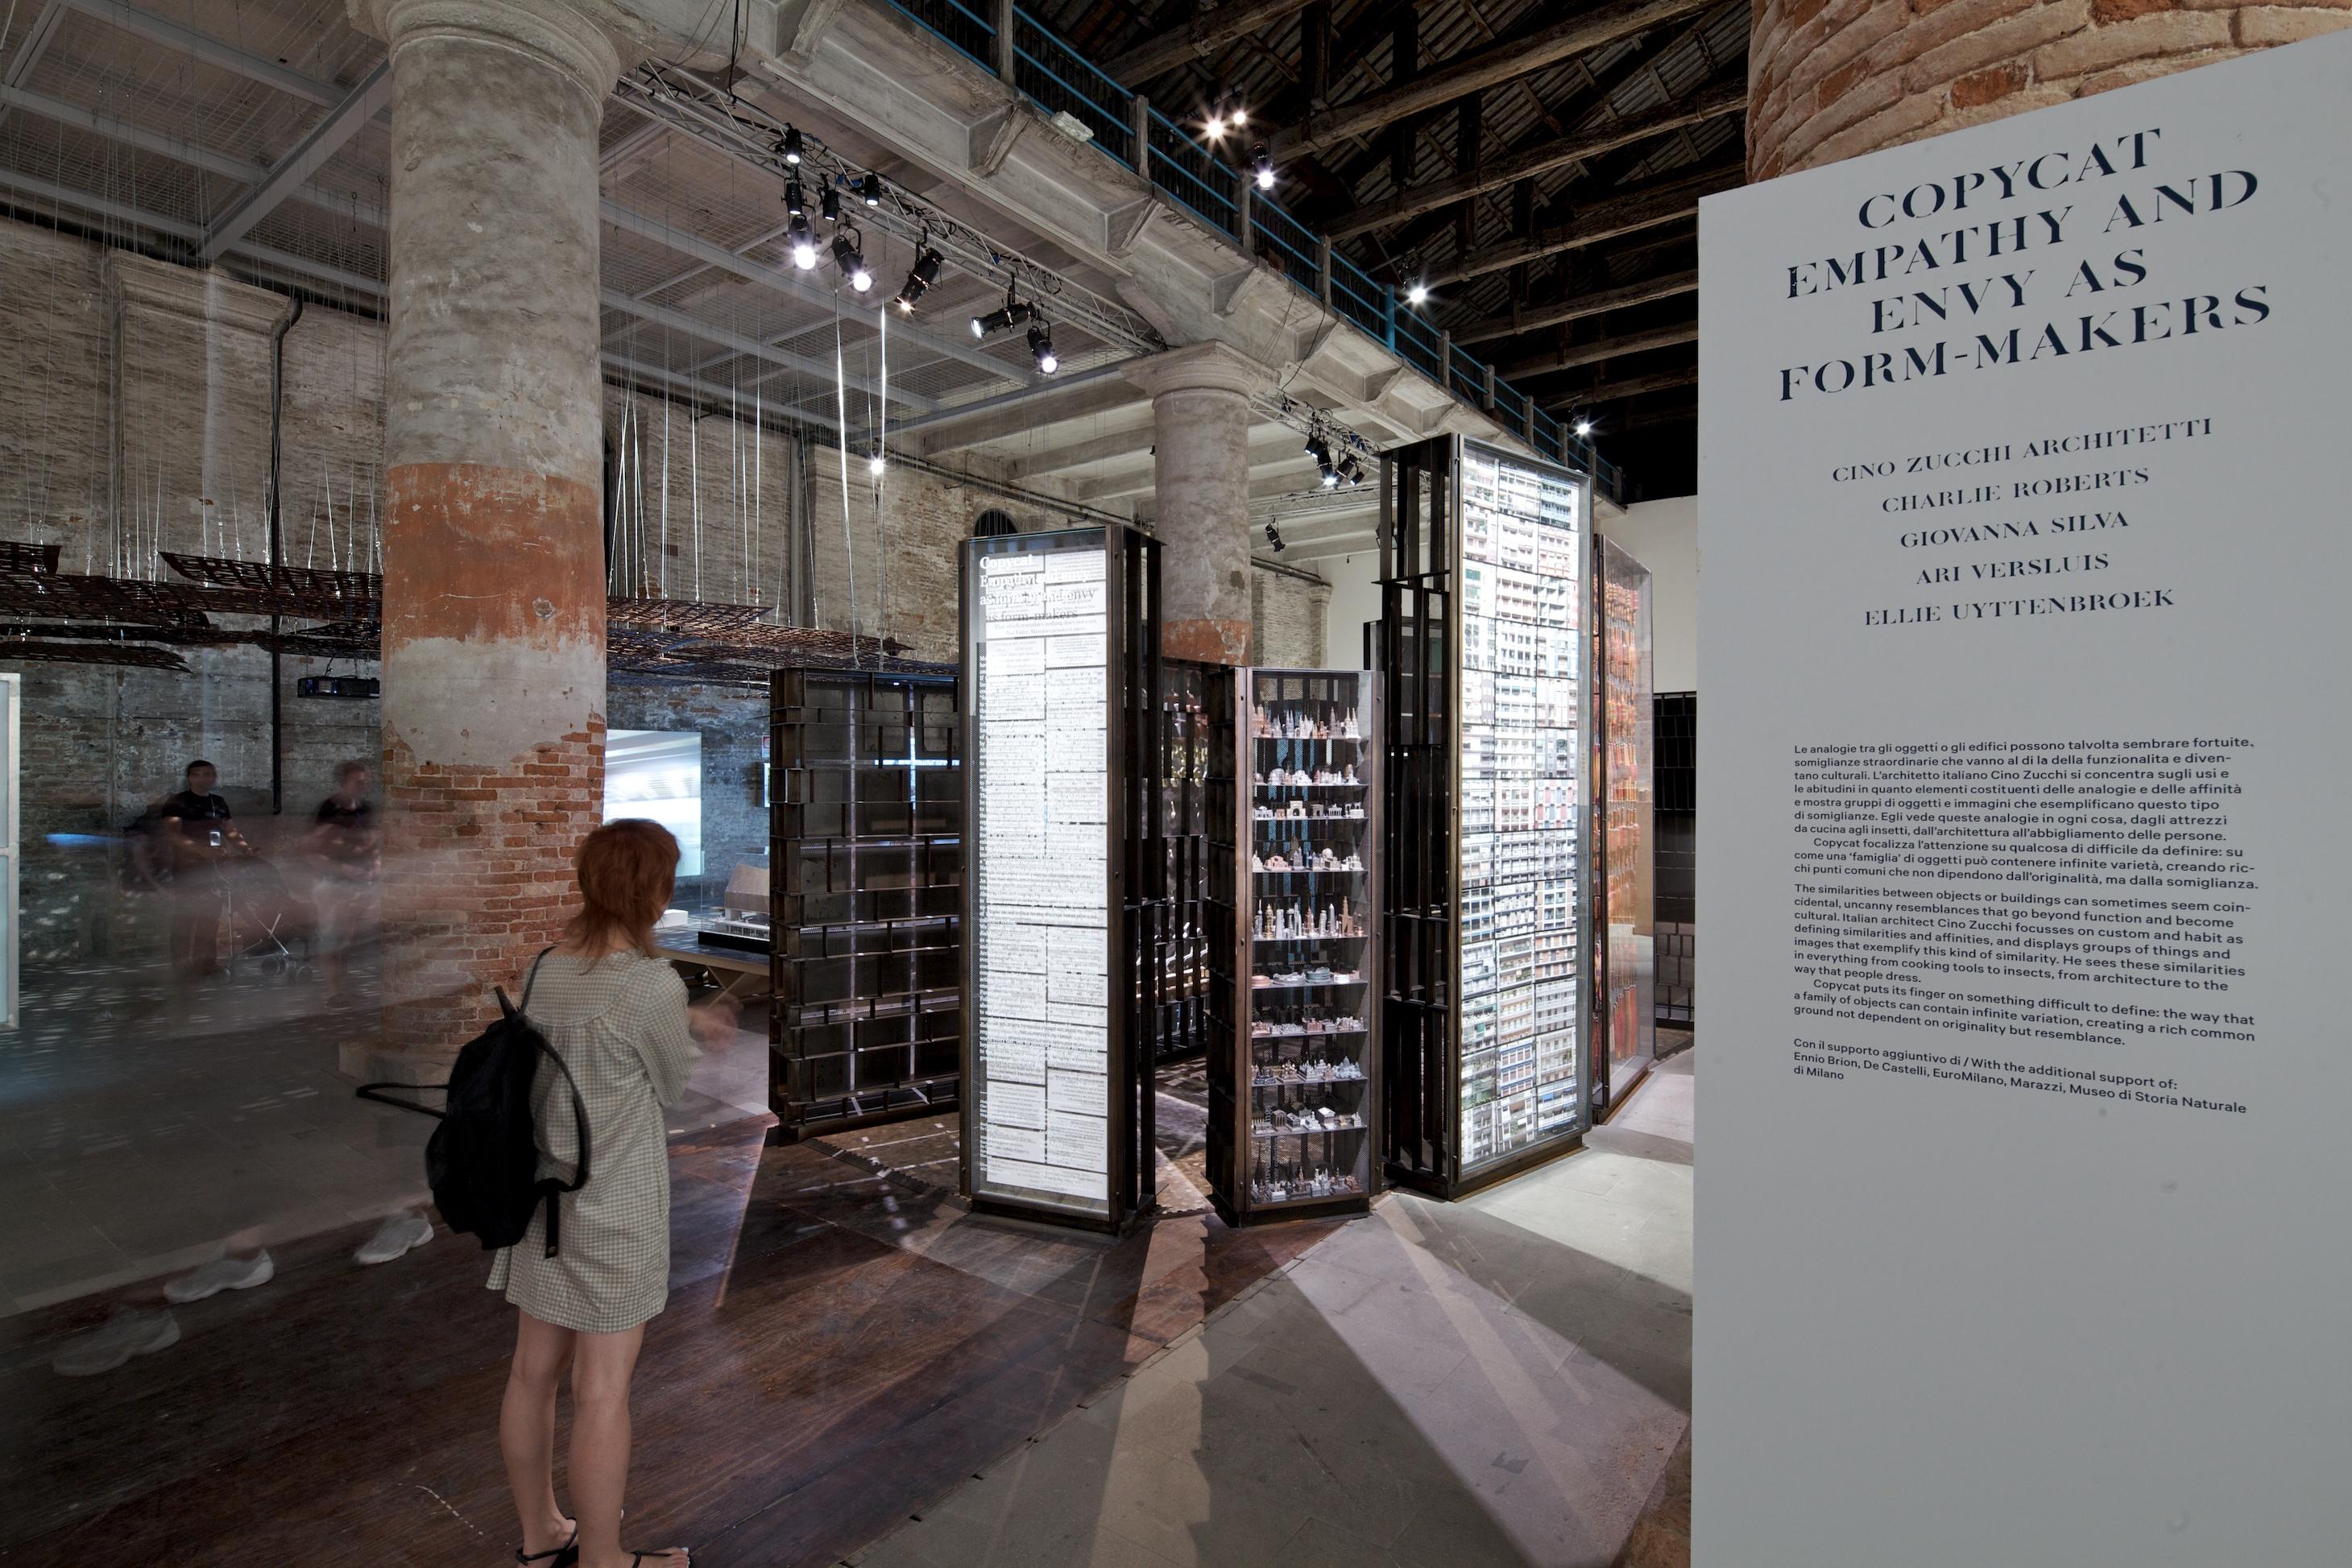 Bienal de Veneza de 2012: Imitação, Empatia e Inveja como Composição da Forma / Cino Zucchi Architetti, © Nico Saieh